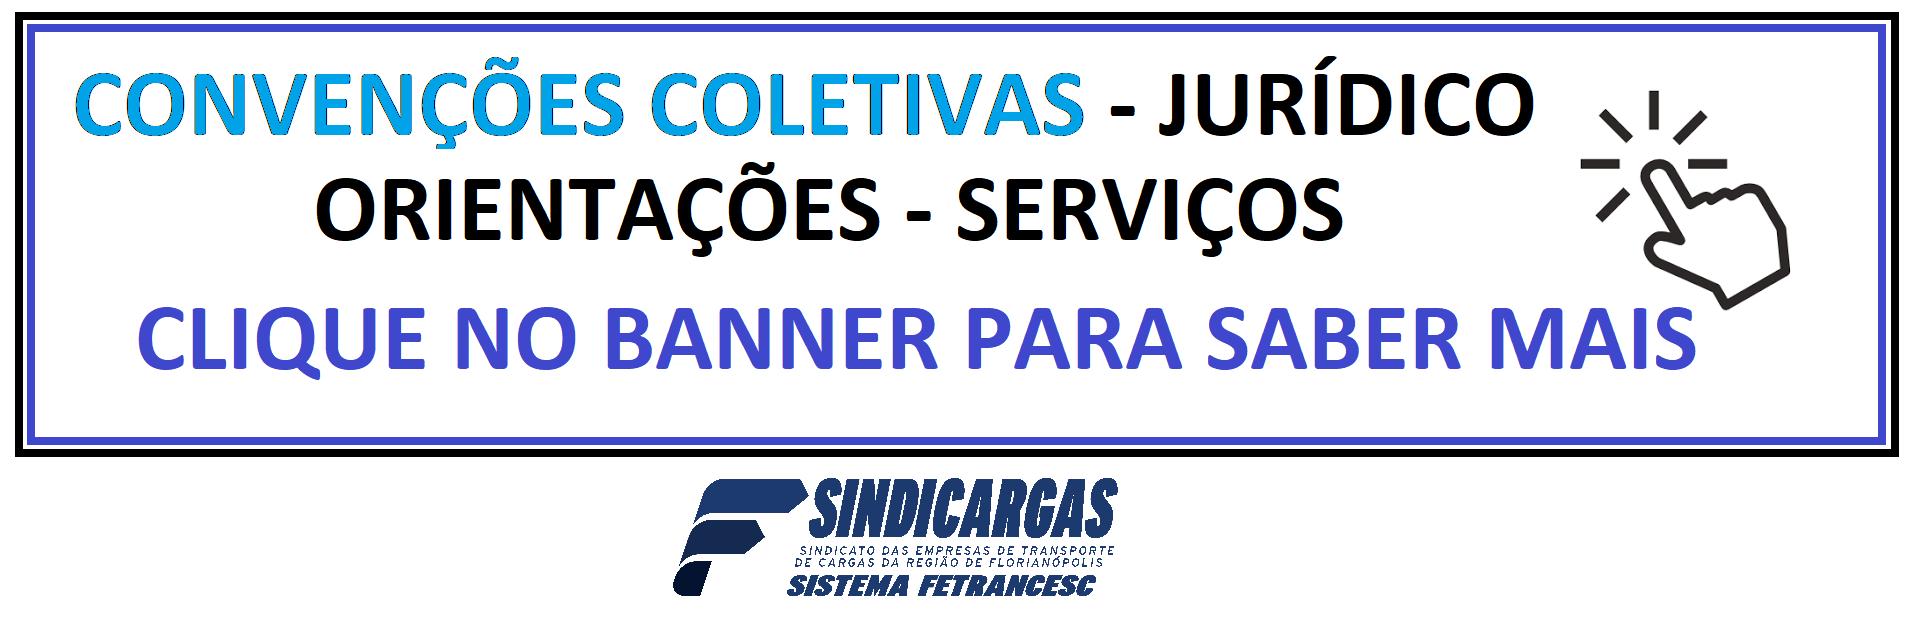 http://sindicargas.sddg.com.br/noticia/a-convencao-coletiva-ja-foi-enviada-para-todas-as-empresas-cadastradas